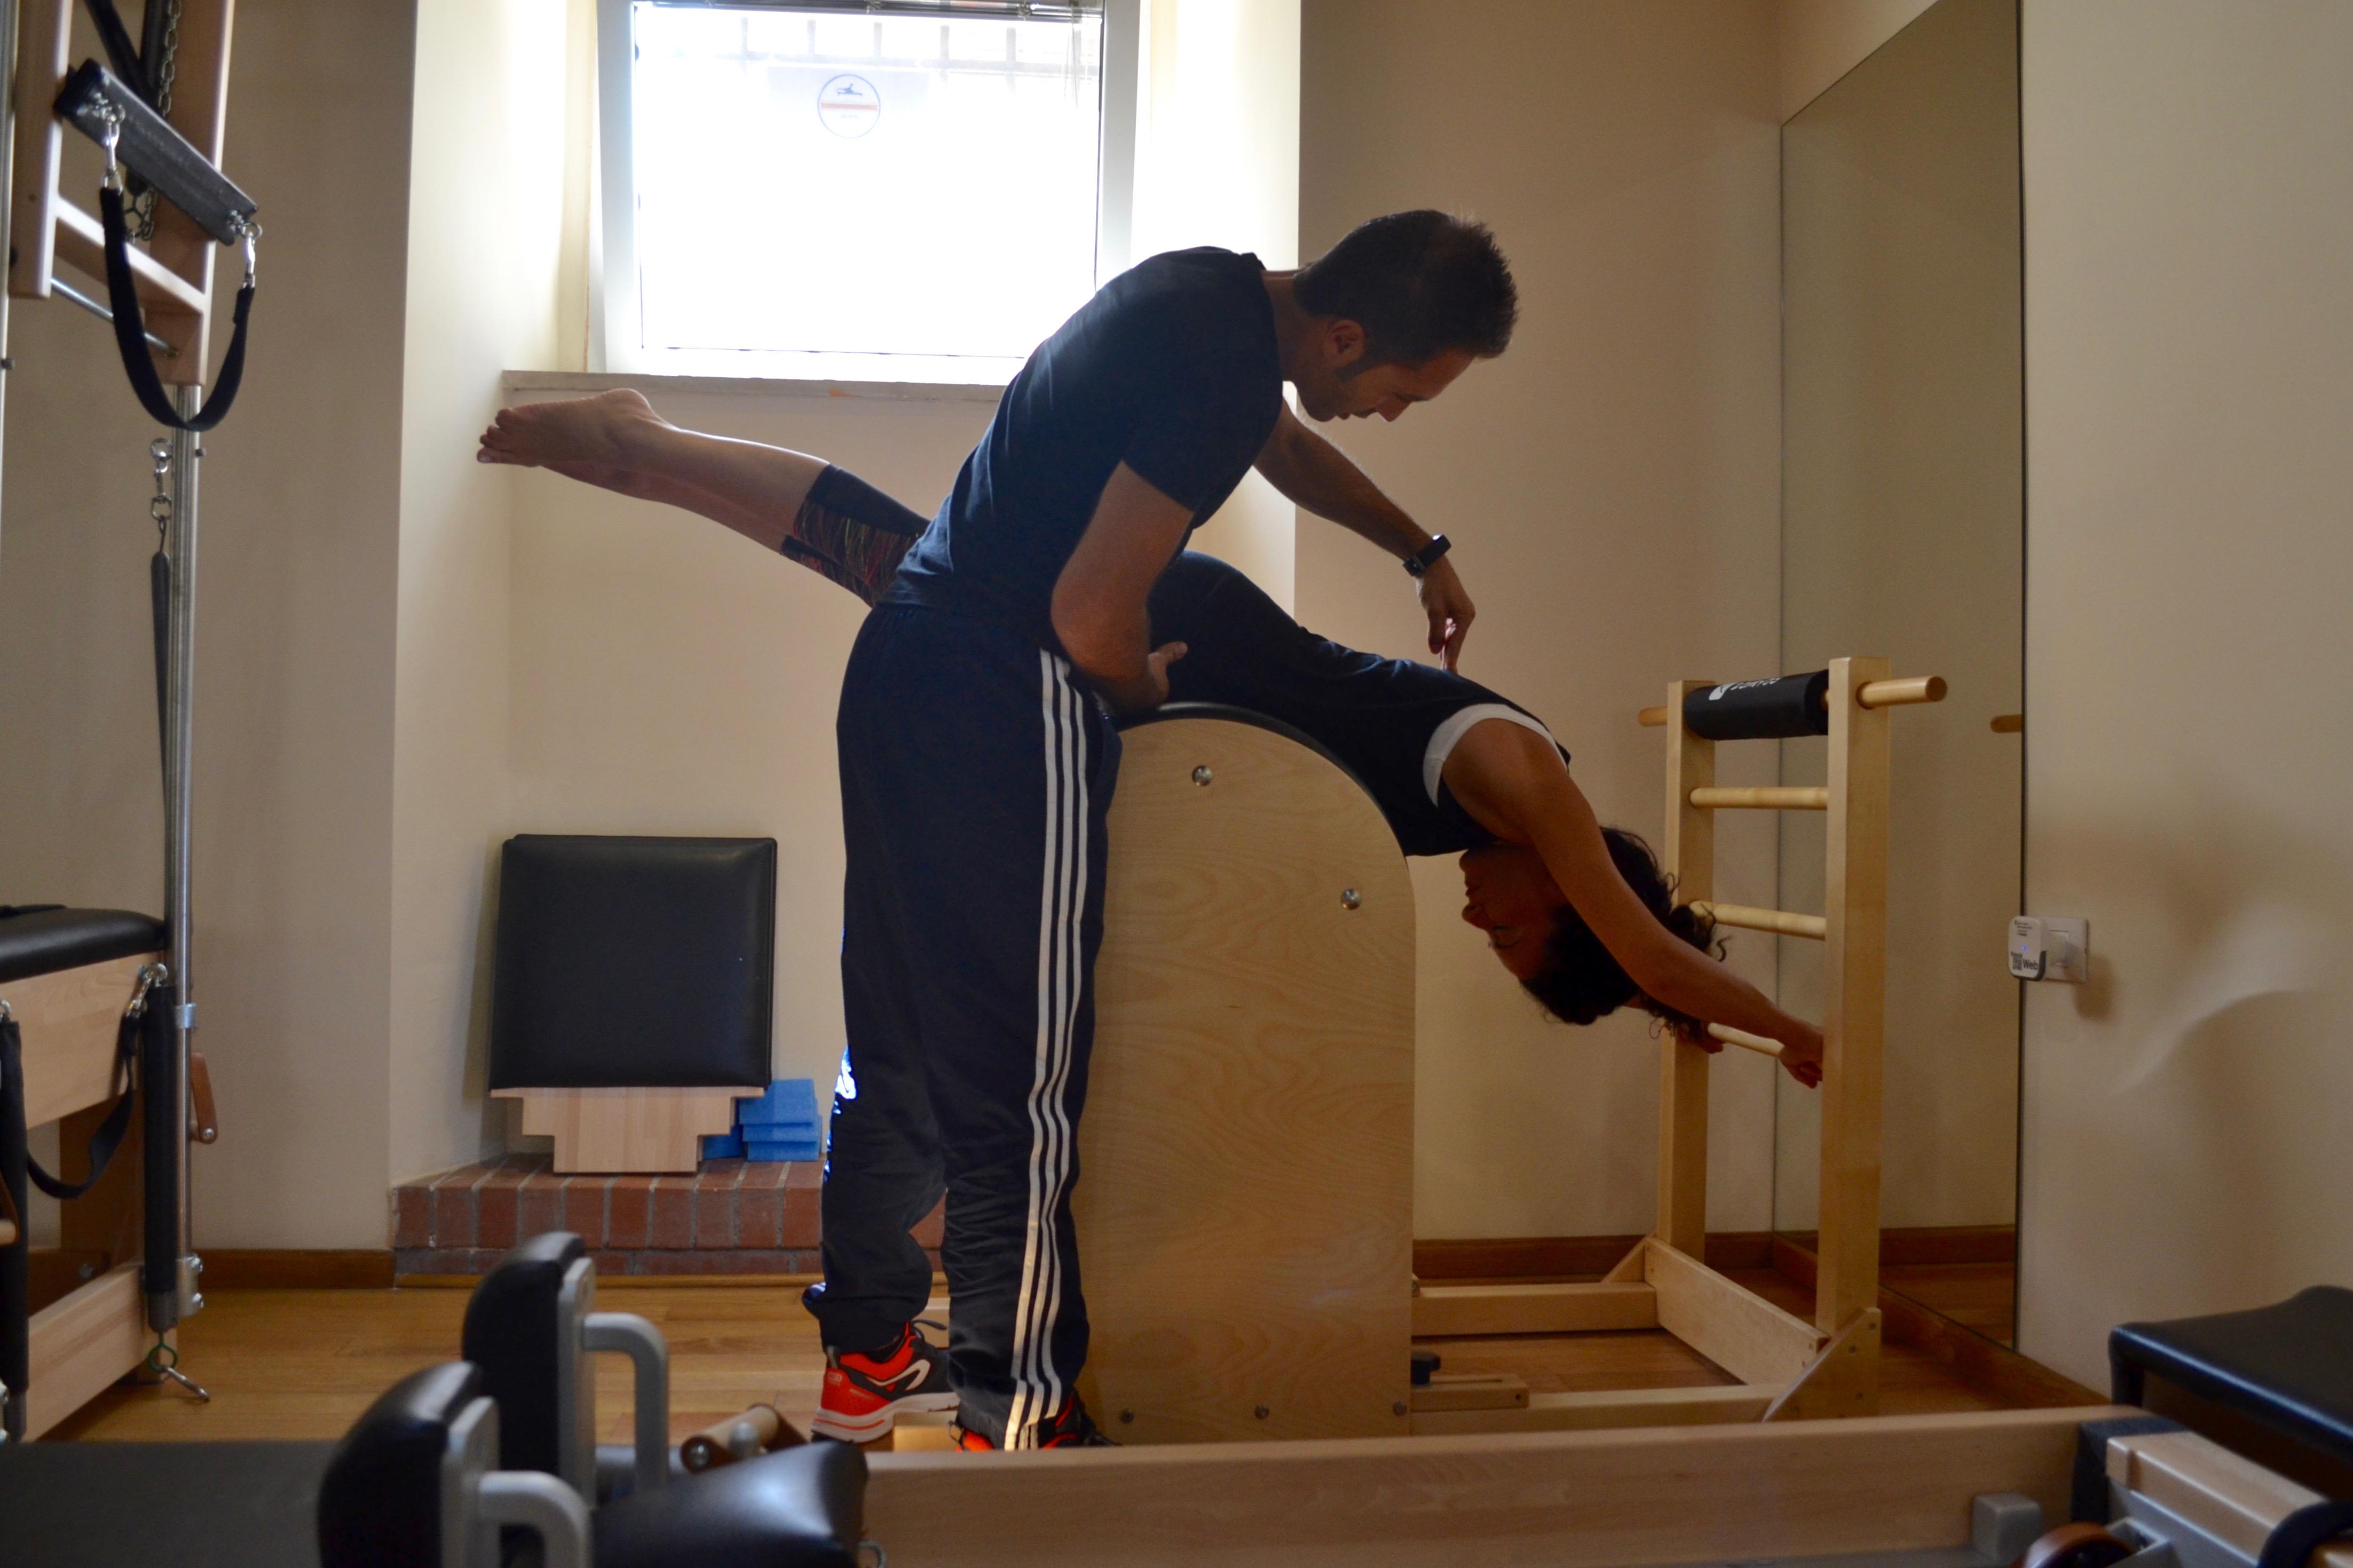 Il Metodo Pilates applicato con dedizione e passione